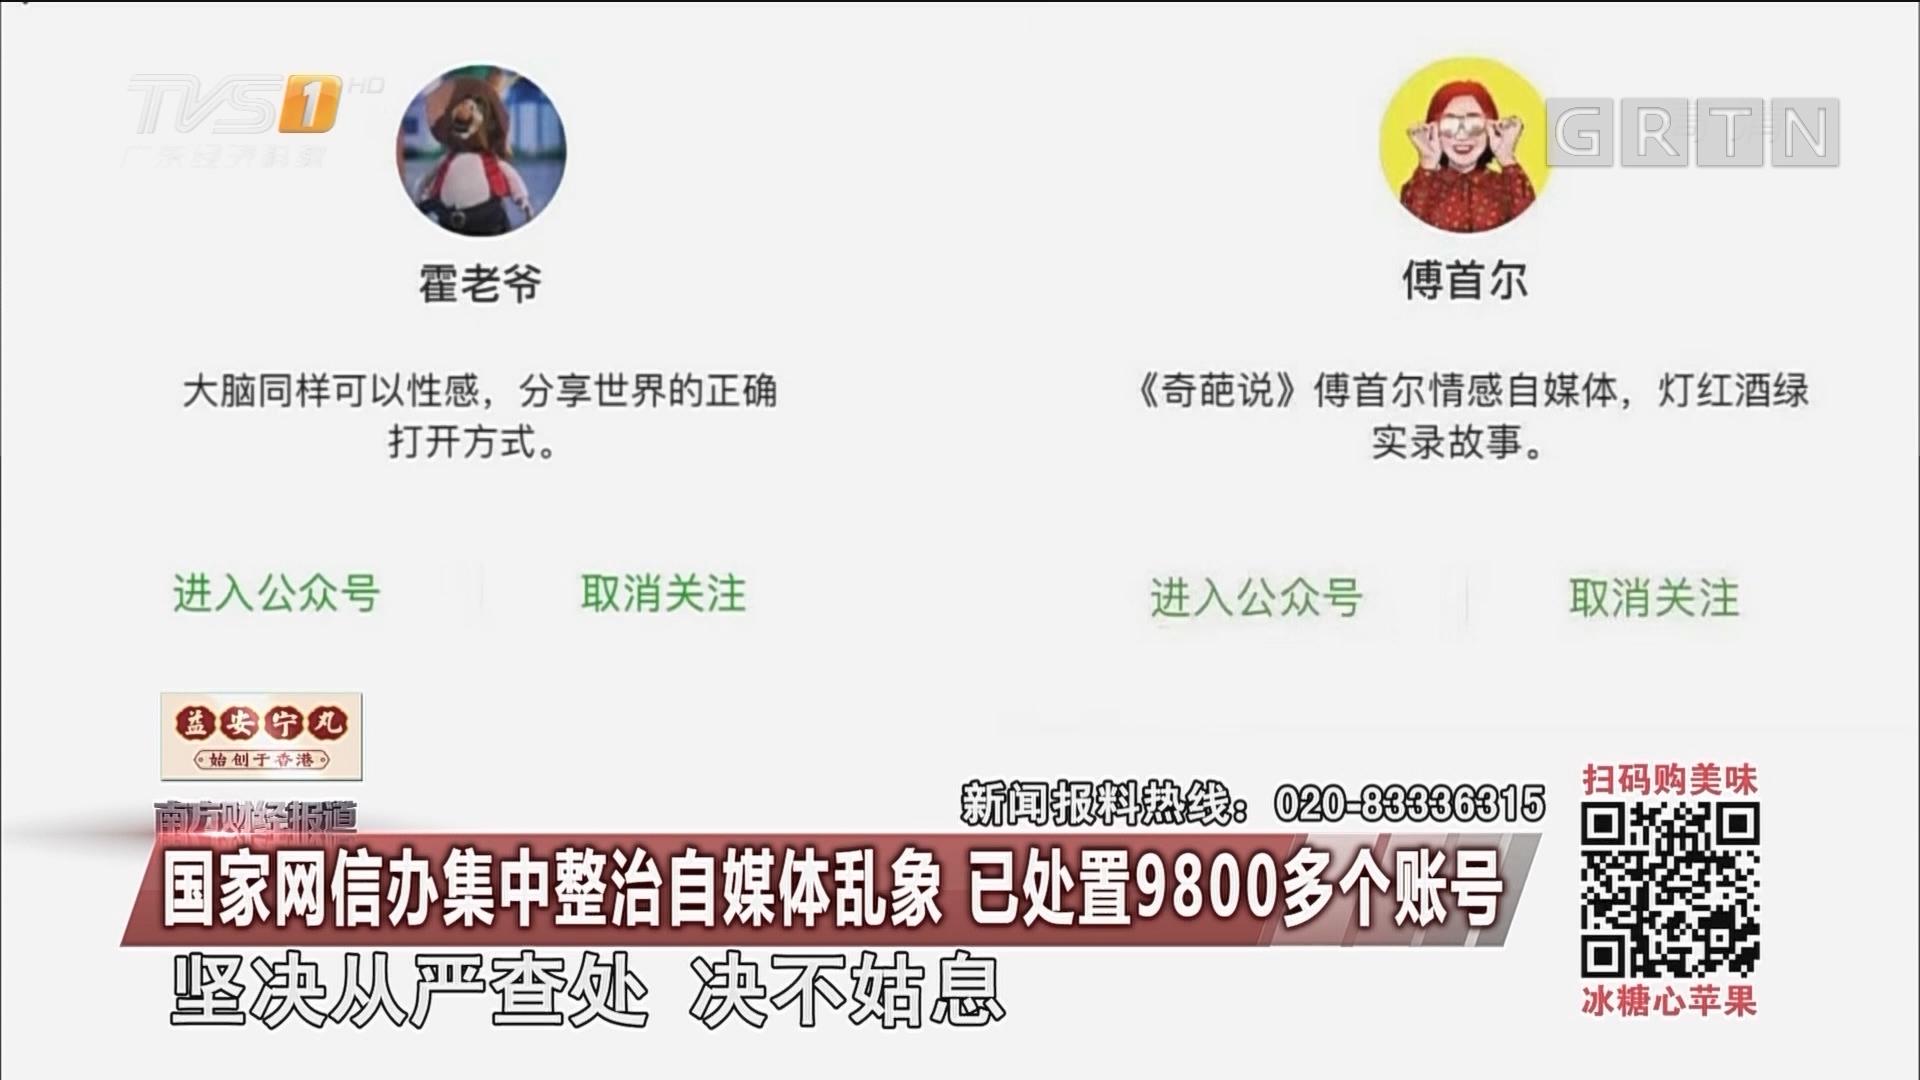 国家网信办集中整治自媒体乱象 已处置9800多个账号